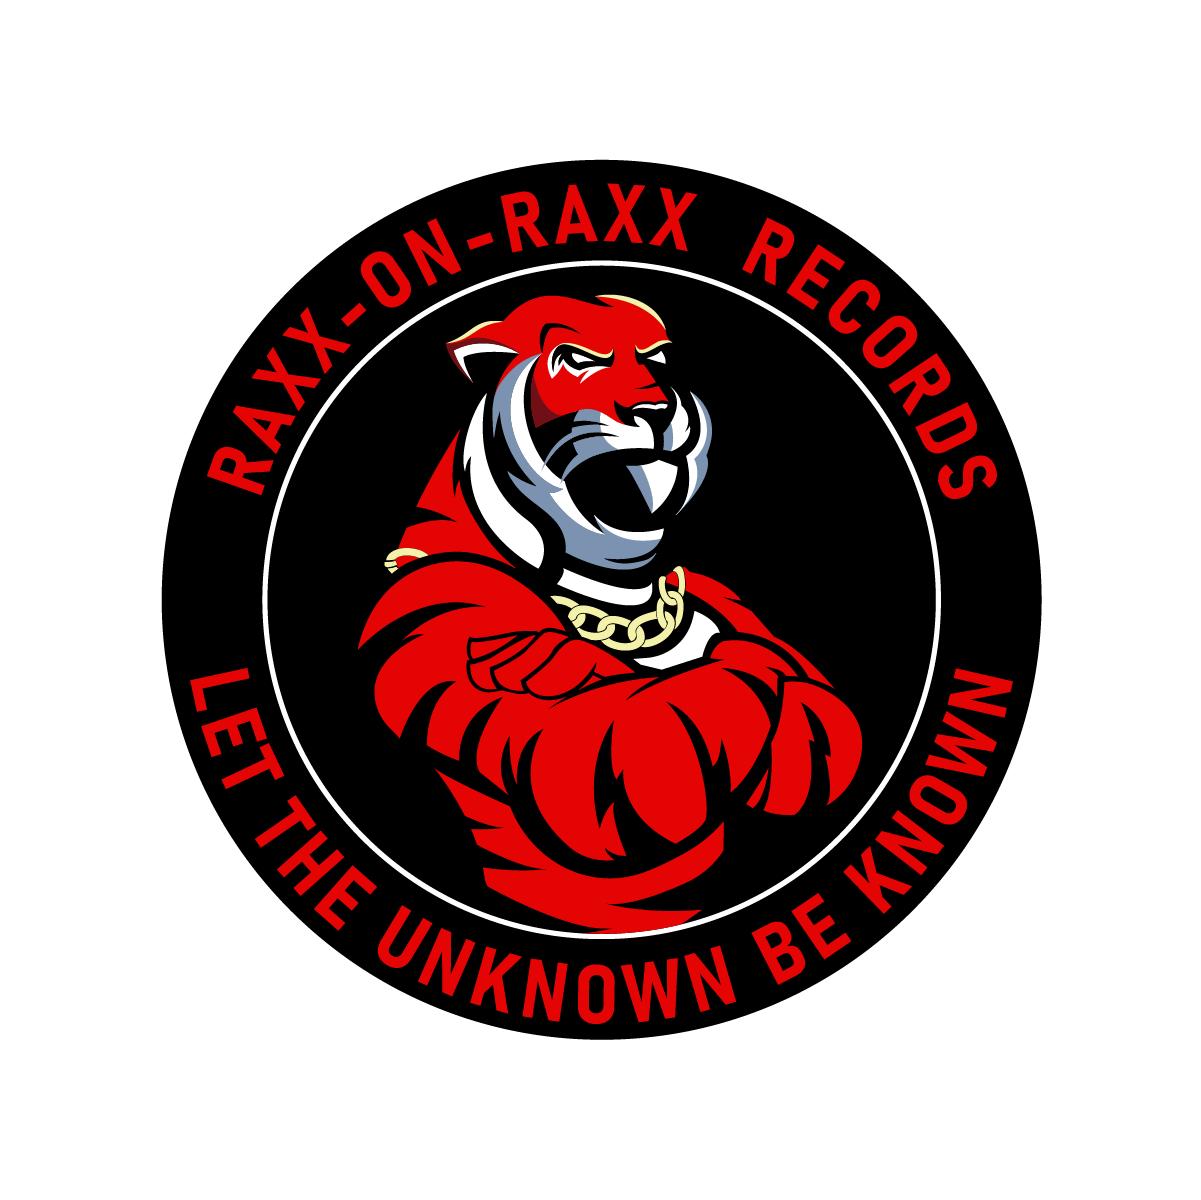 raxxonraxx logo 1